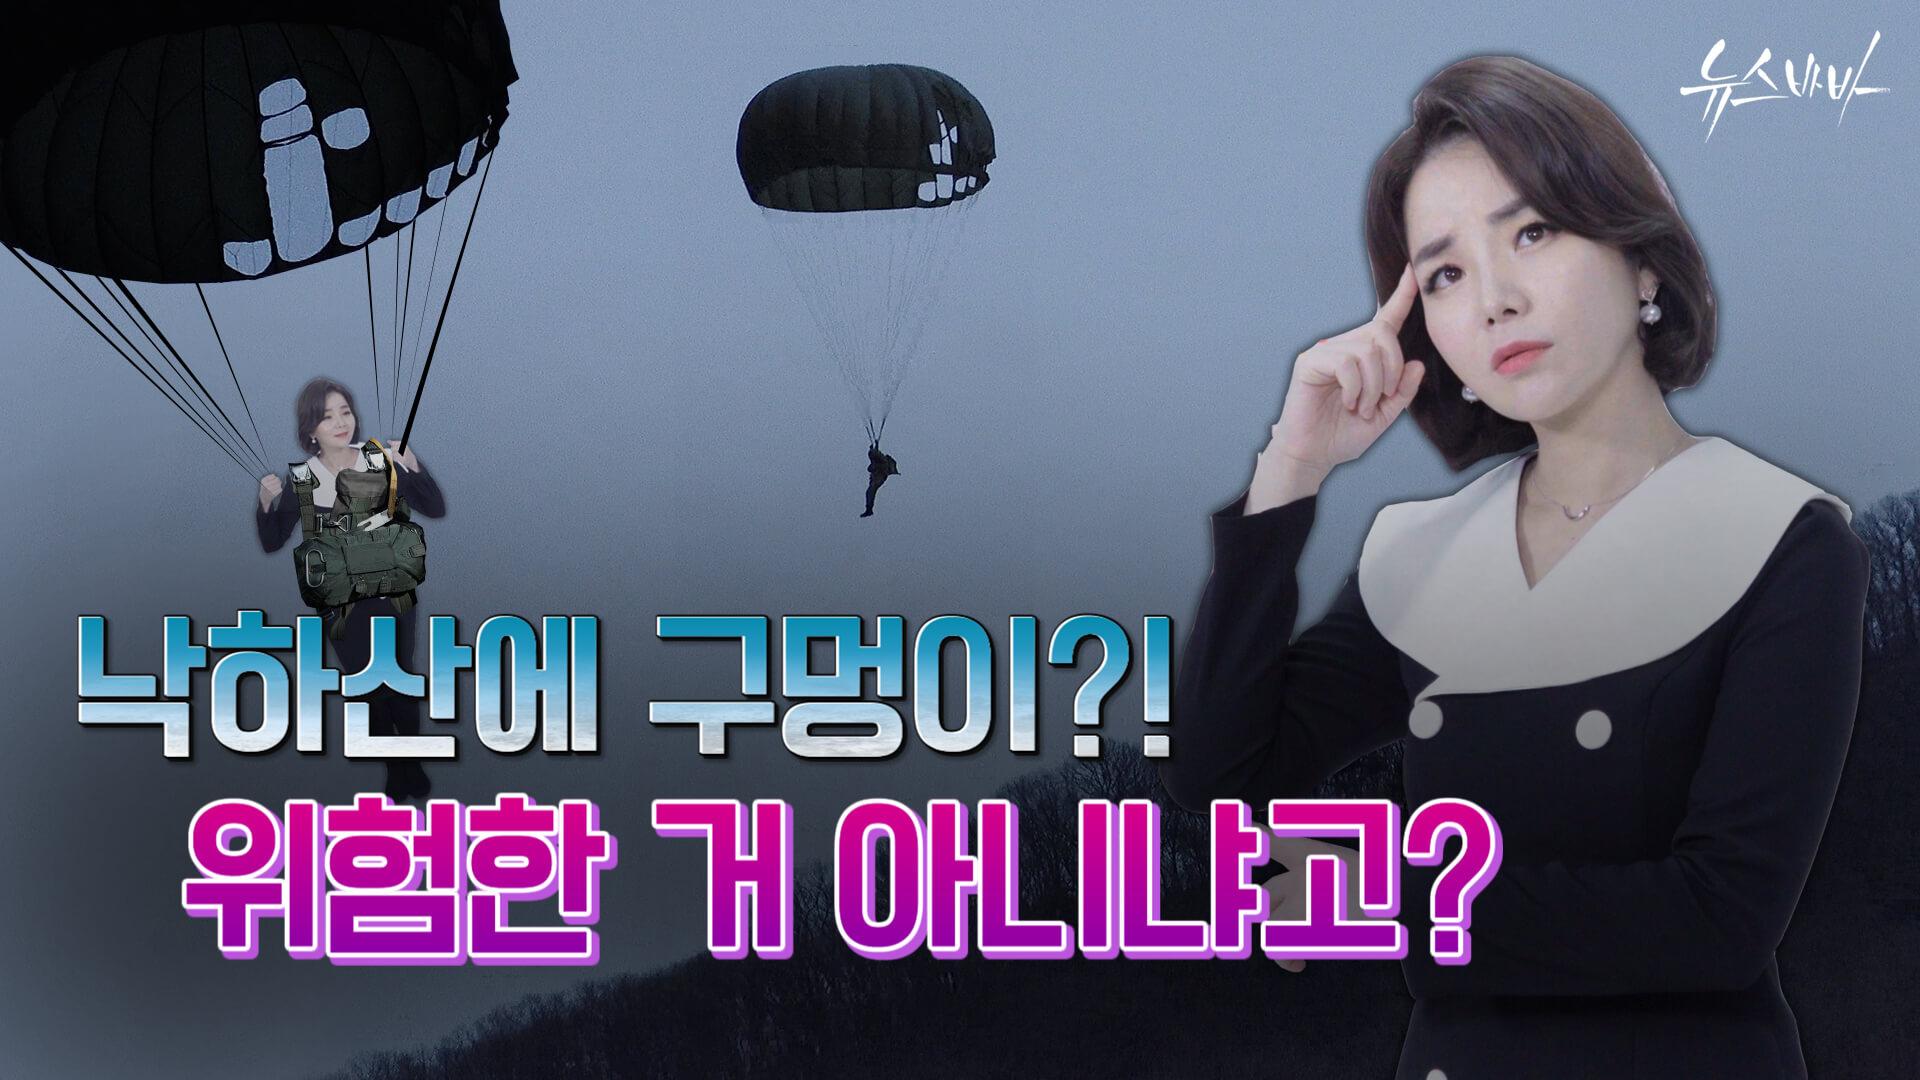 [뉴스바바] 낙하산에 구멍이?!